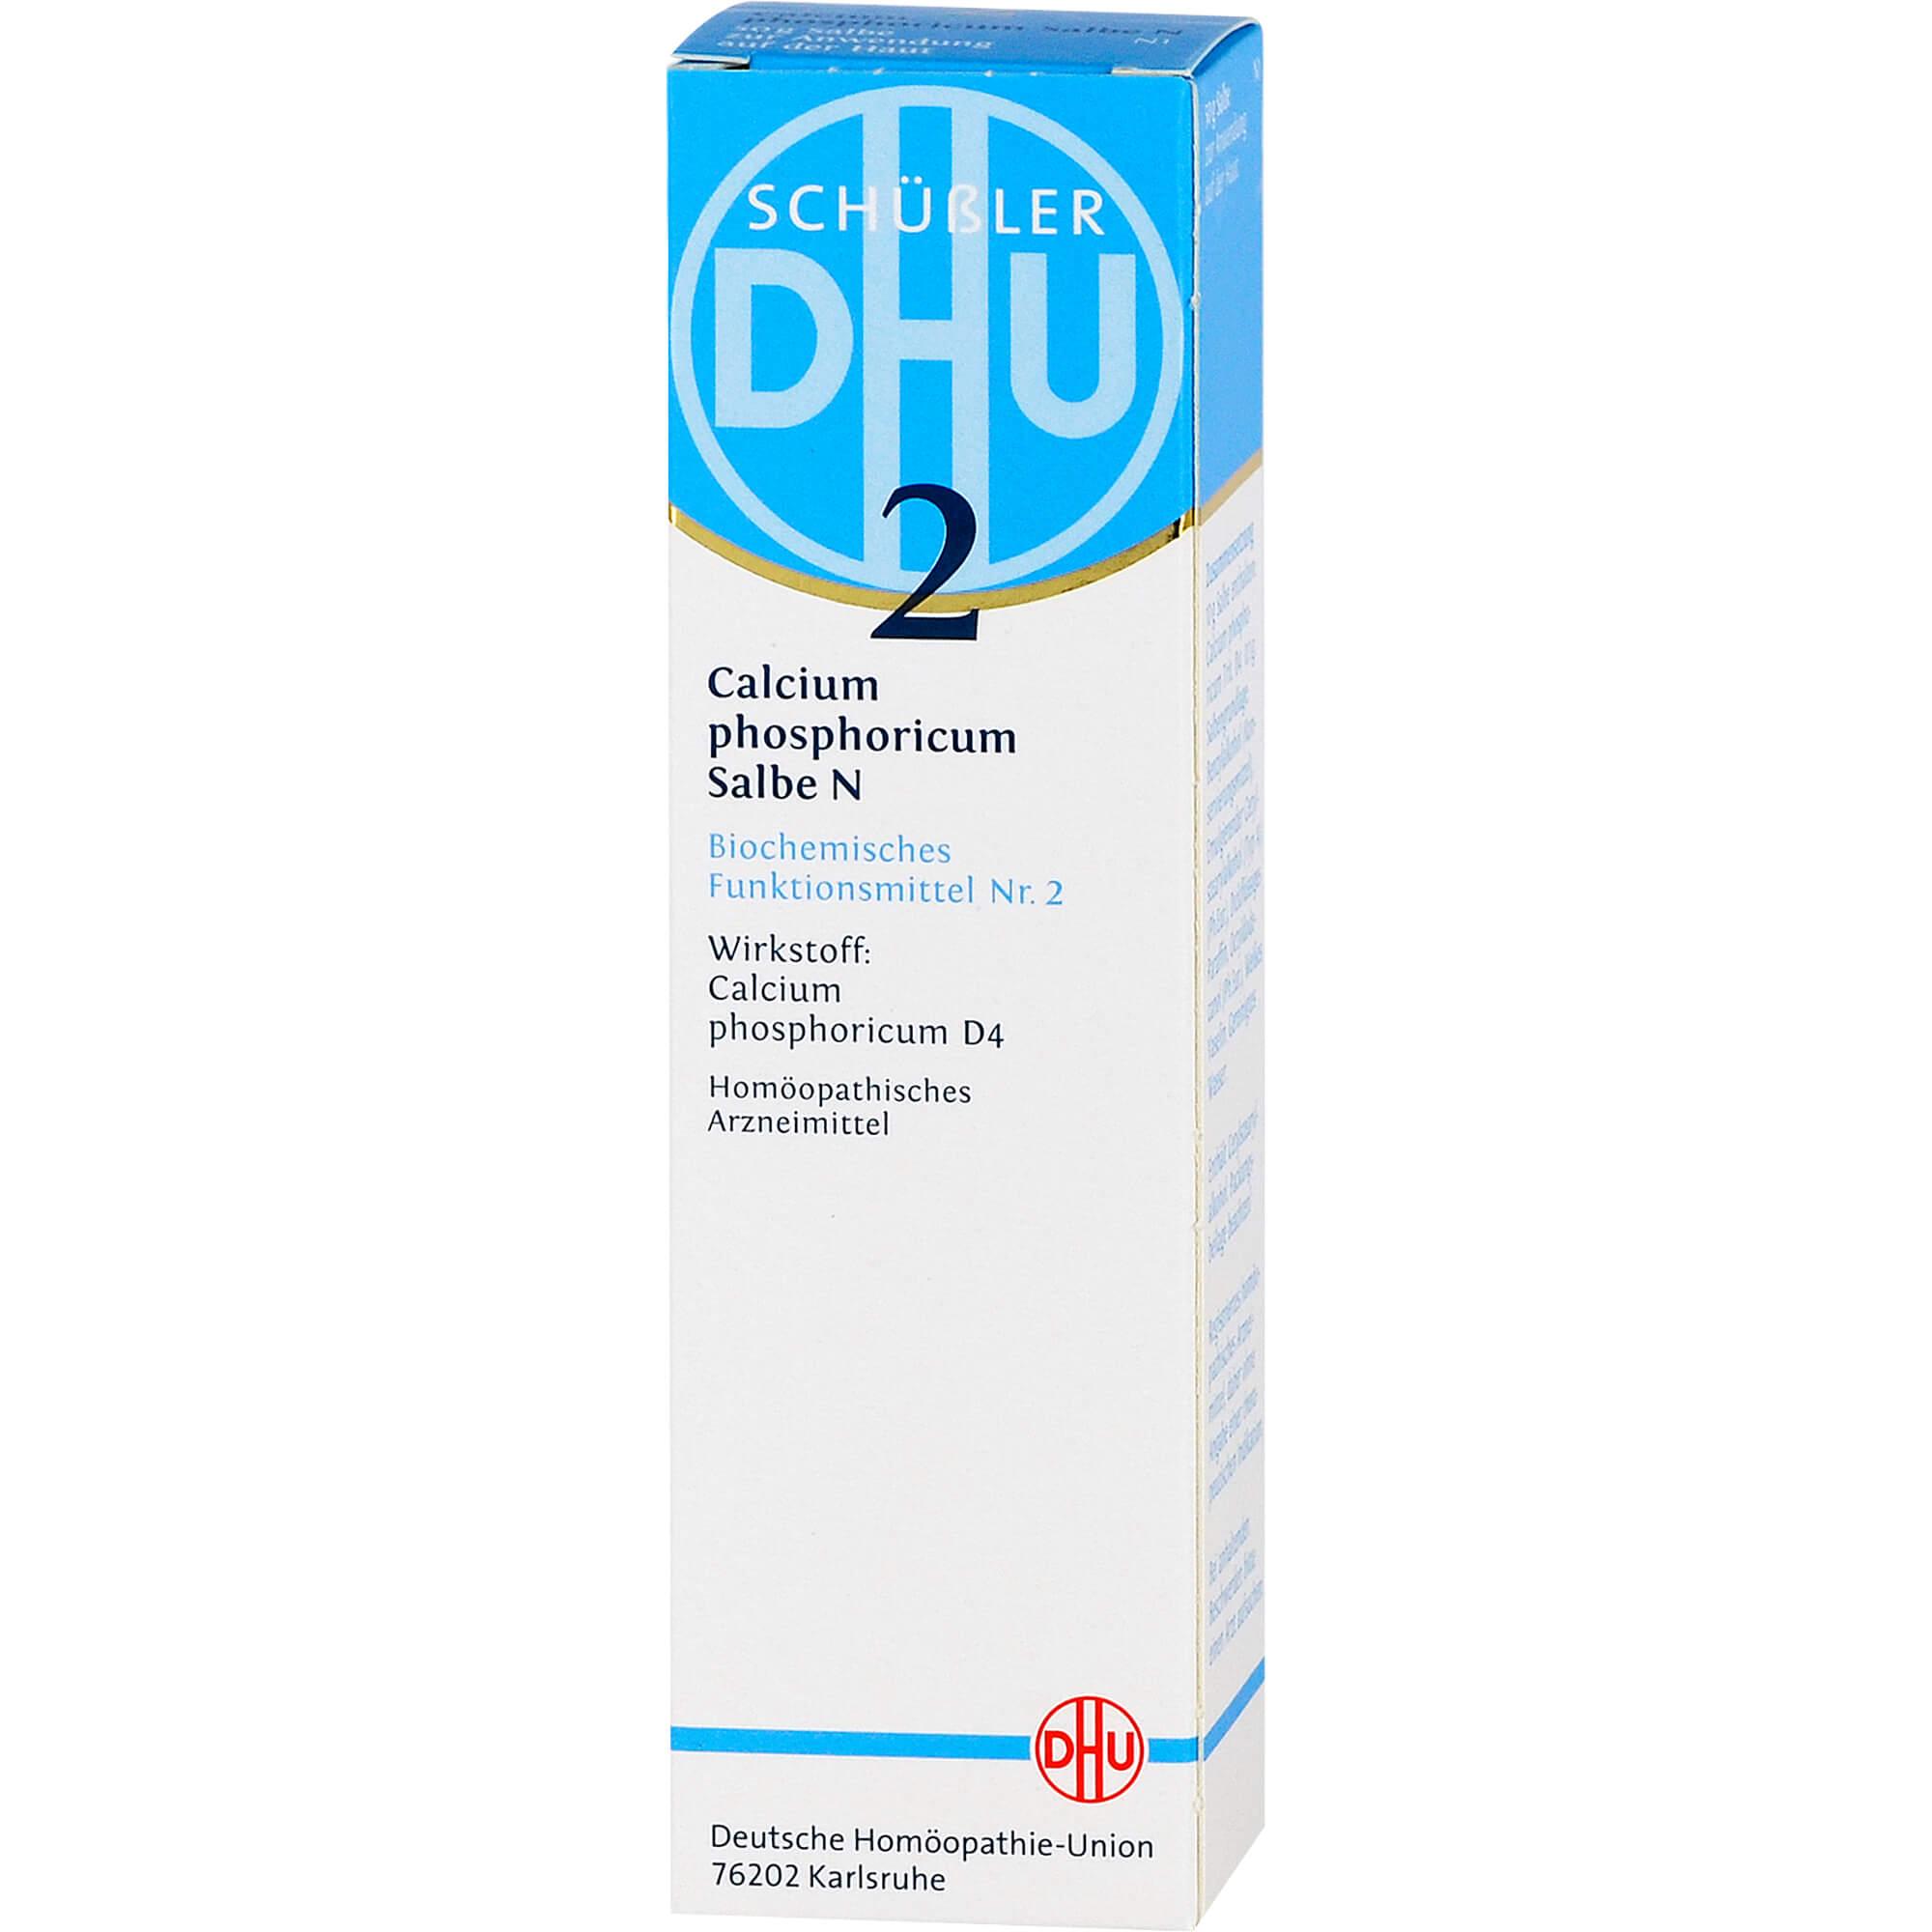 BIOCHEMIE DHU 2 Calcium phosphoricum N D 4 Salbe